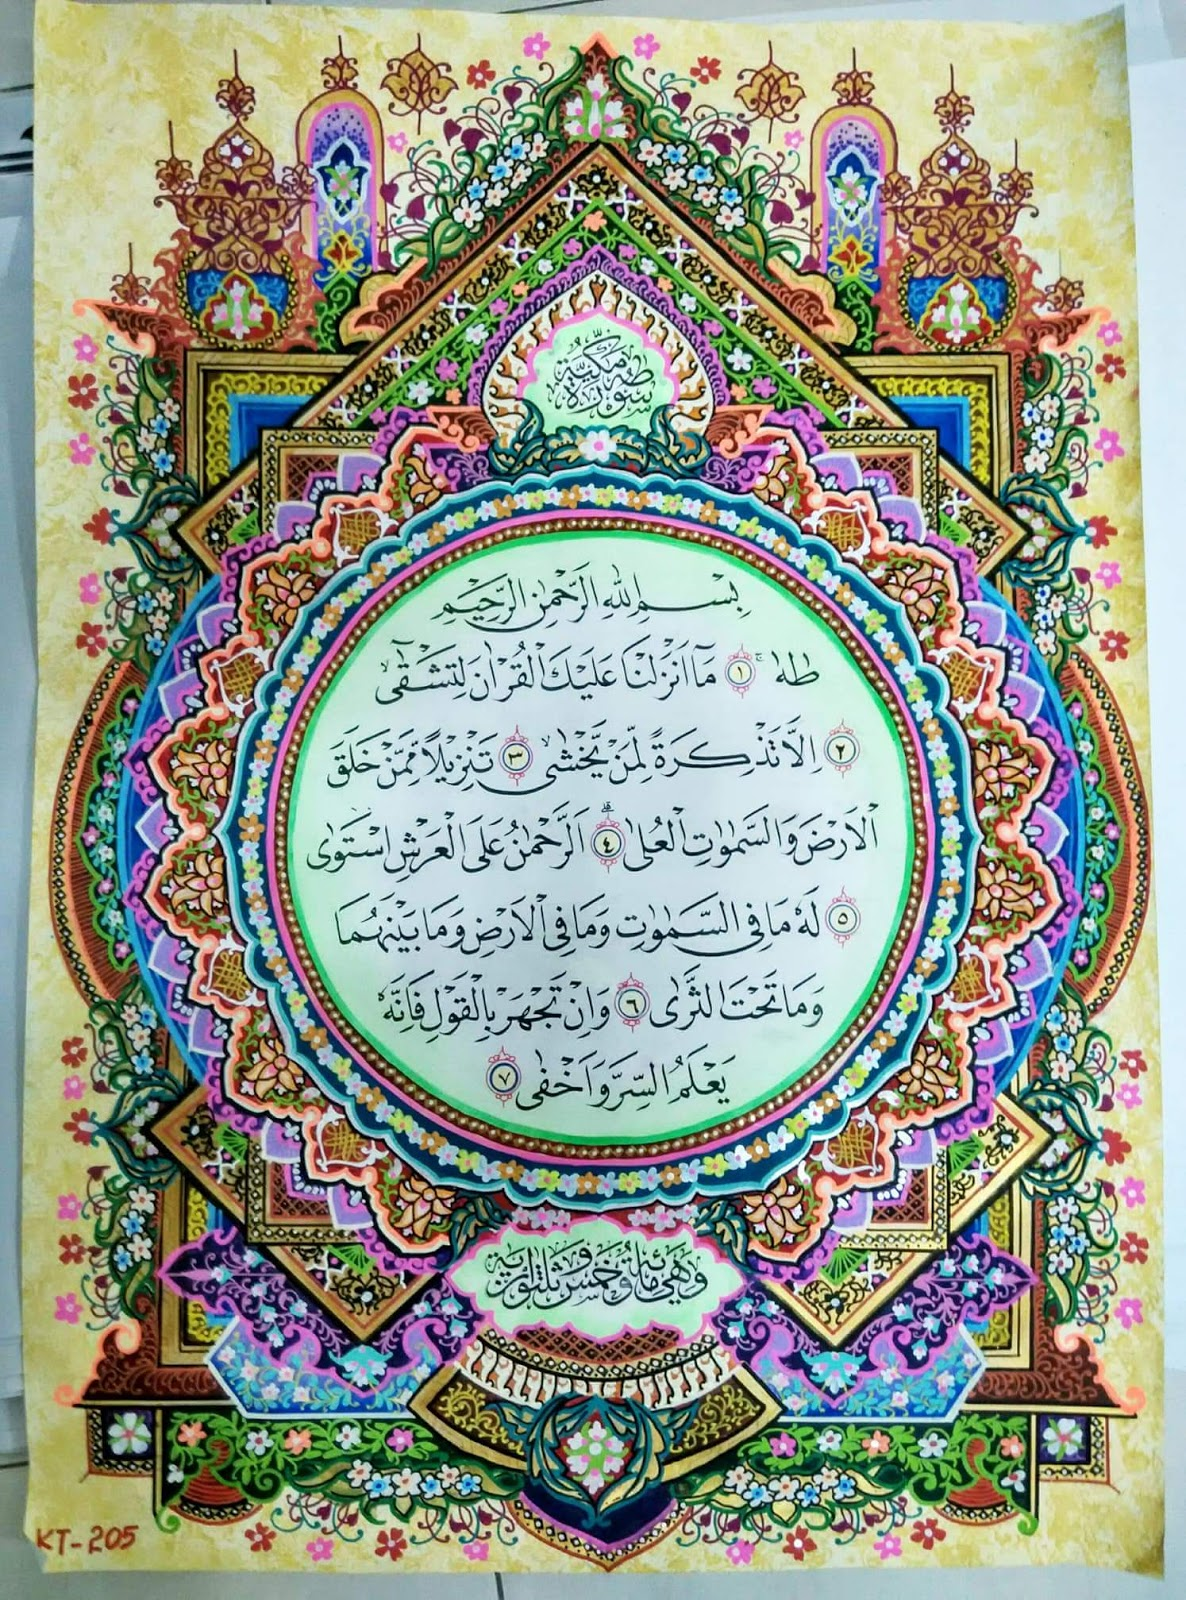 Kaligrafi Cabang Naskah - Gambar Islami